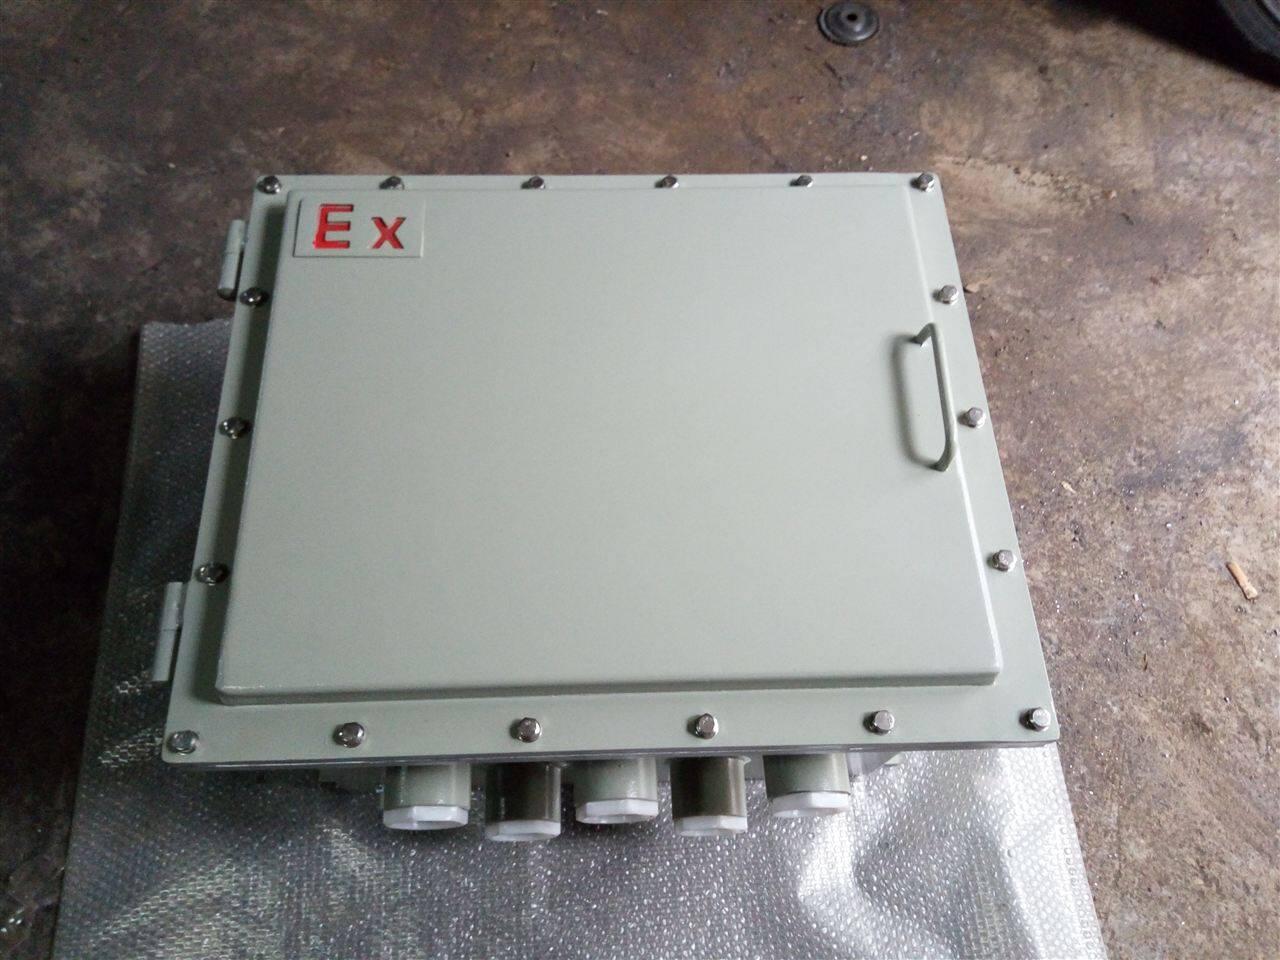 接线盒,防爆磁力起动器,防爆断路器,防爆控制箱,防爆电缆盘,防爆灯